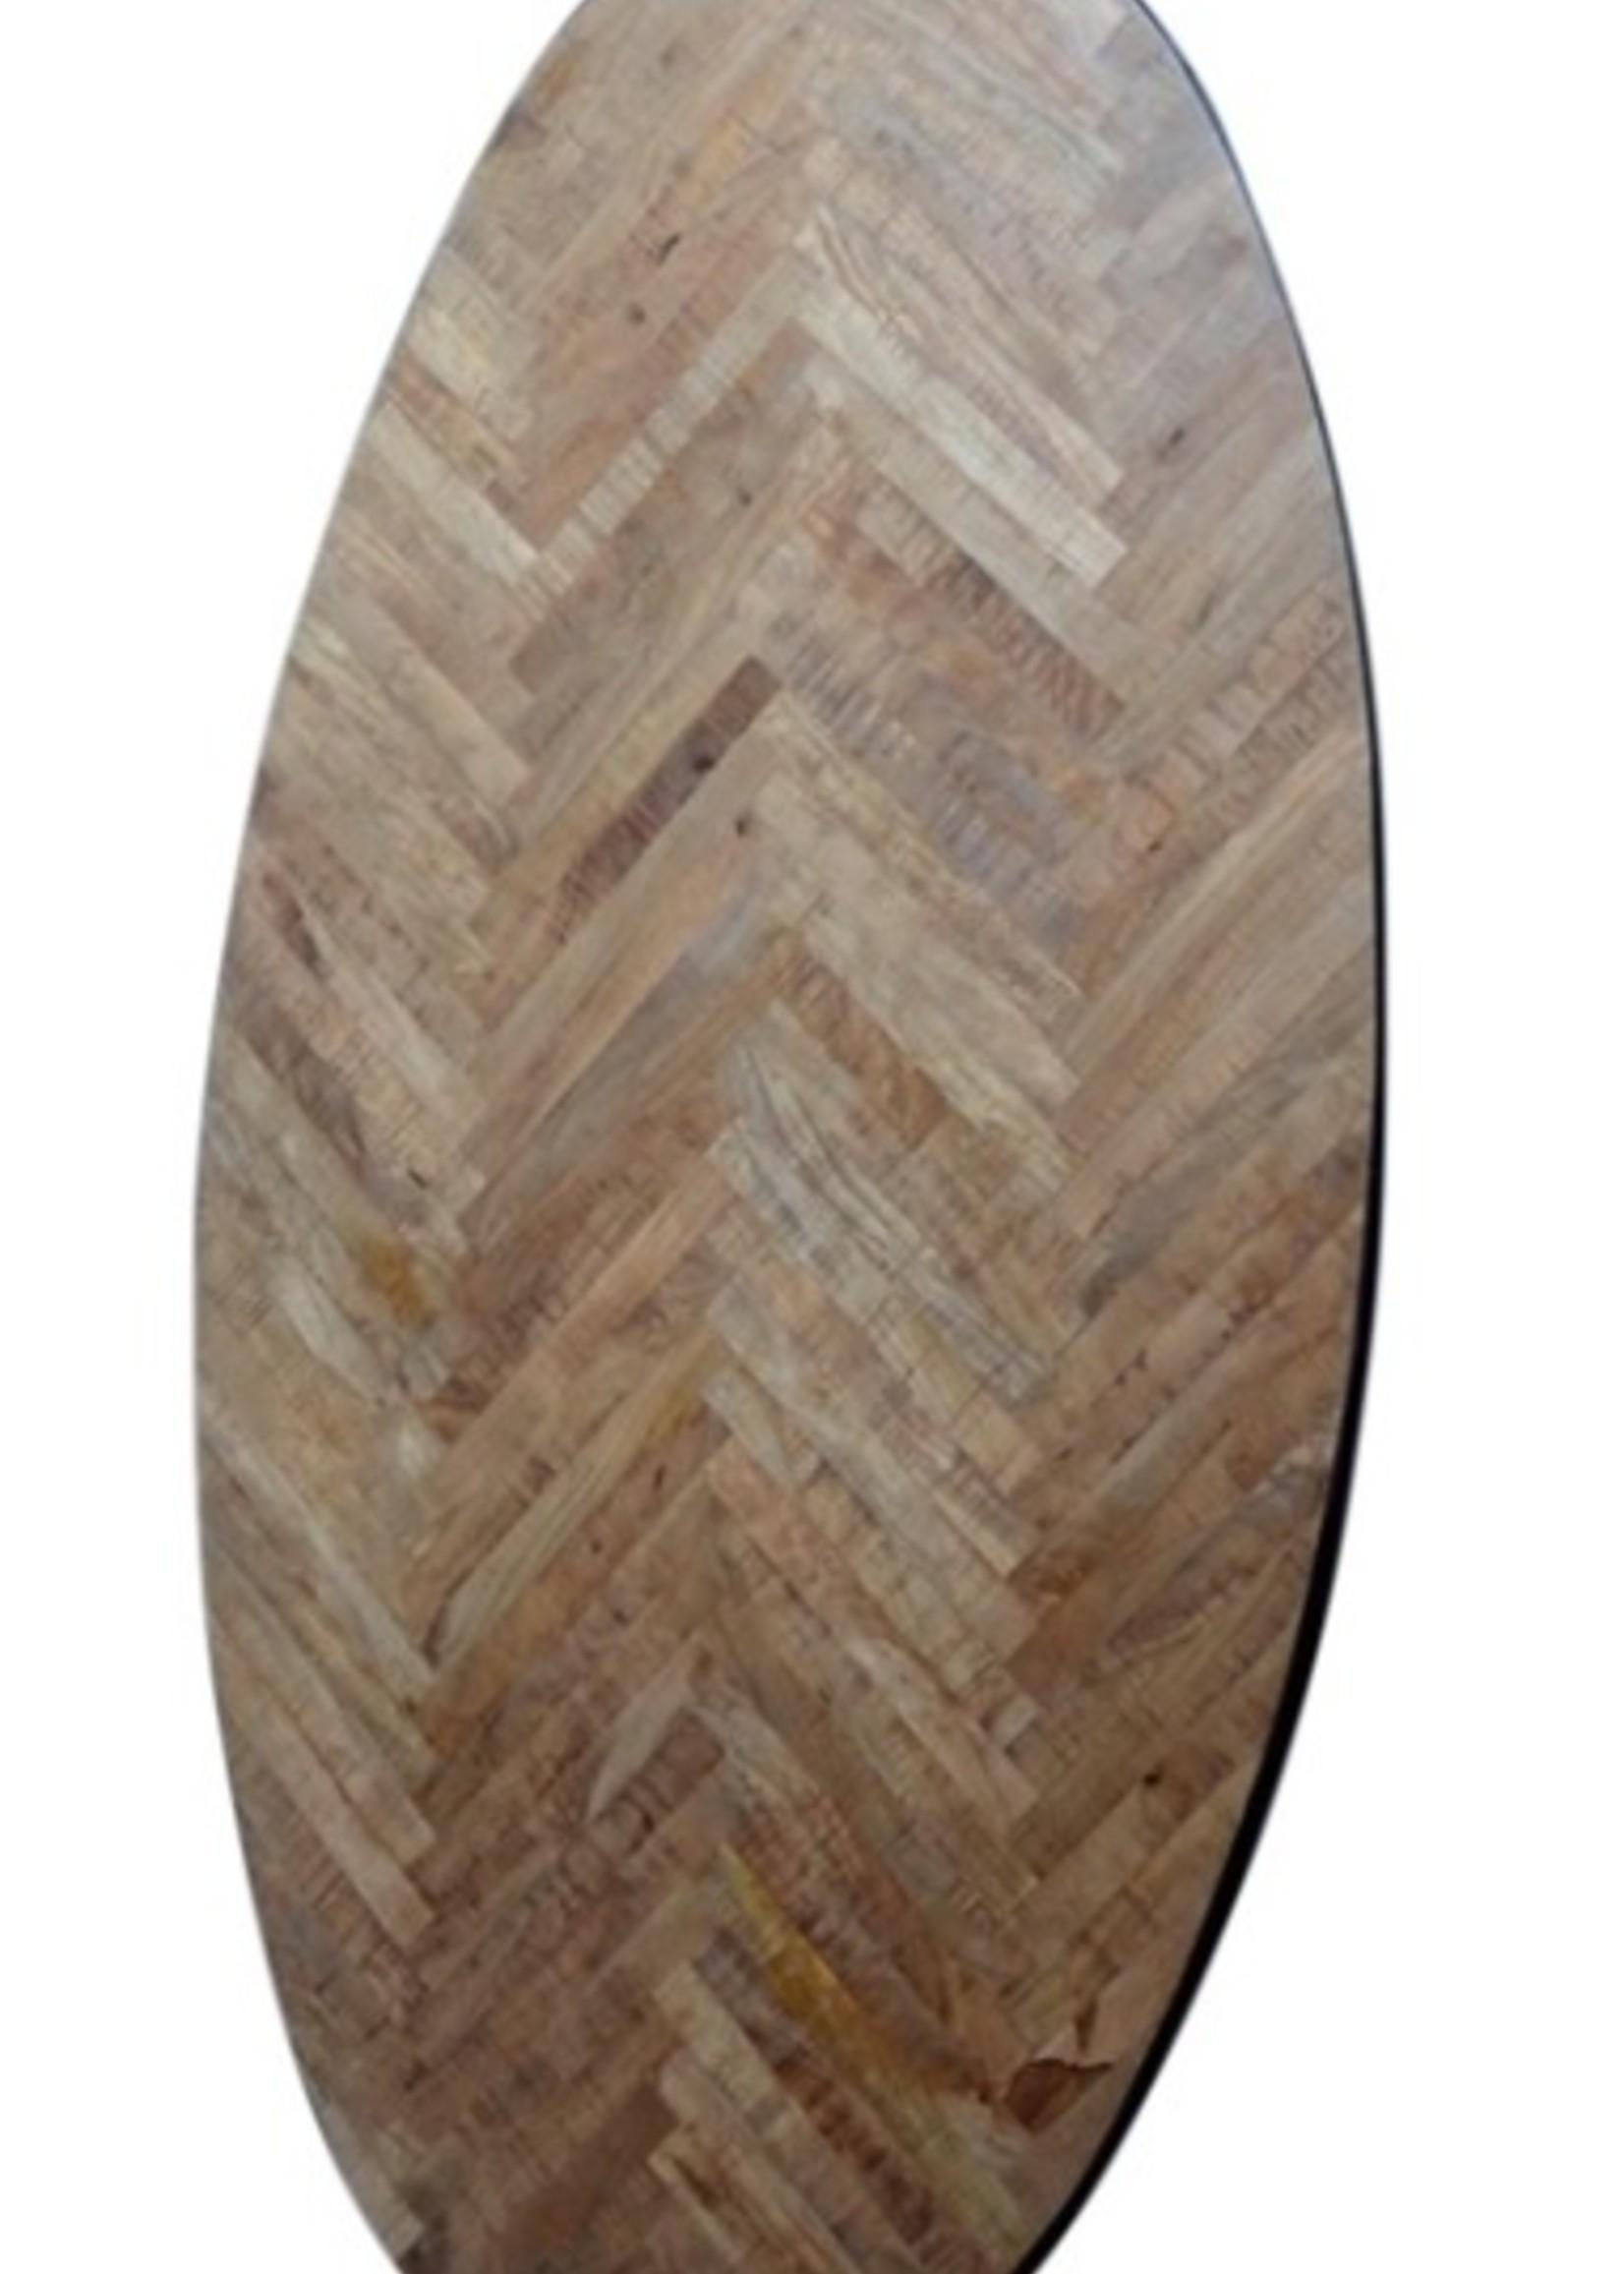 Moods Collection Visgraat tafel ovaal zwarte rand/poten staal 240x110cm